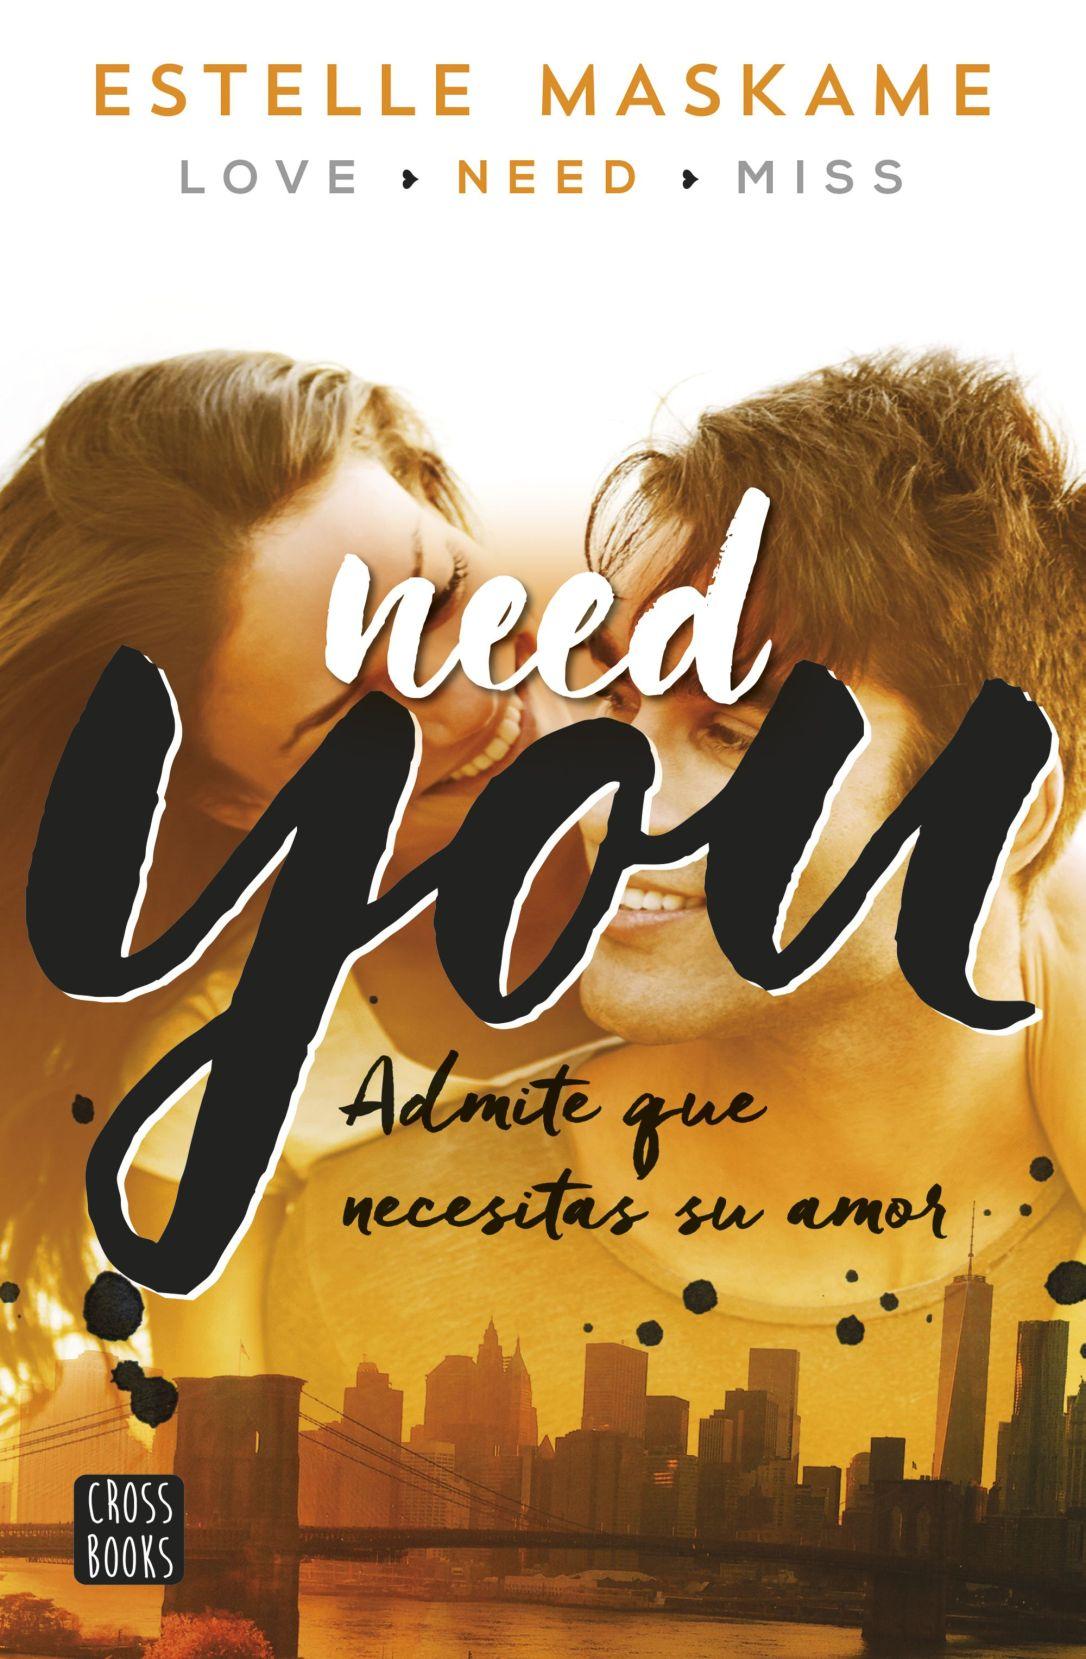 portada_you-2-need-you_estelle-maskame_201602231221.jpg